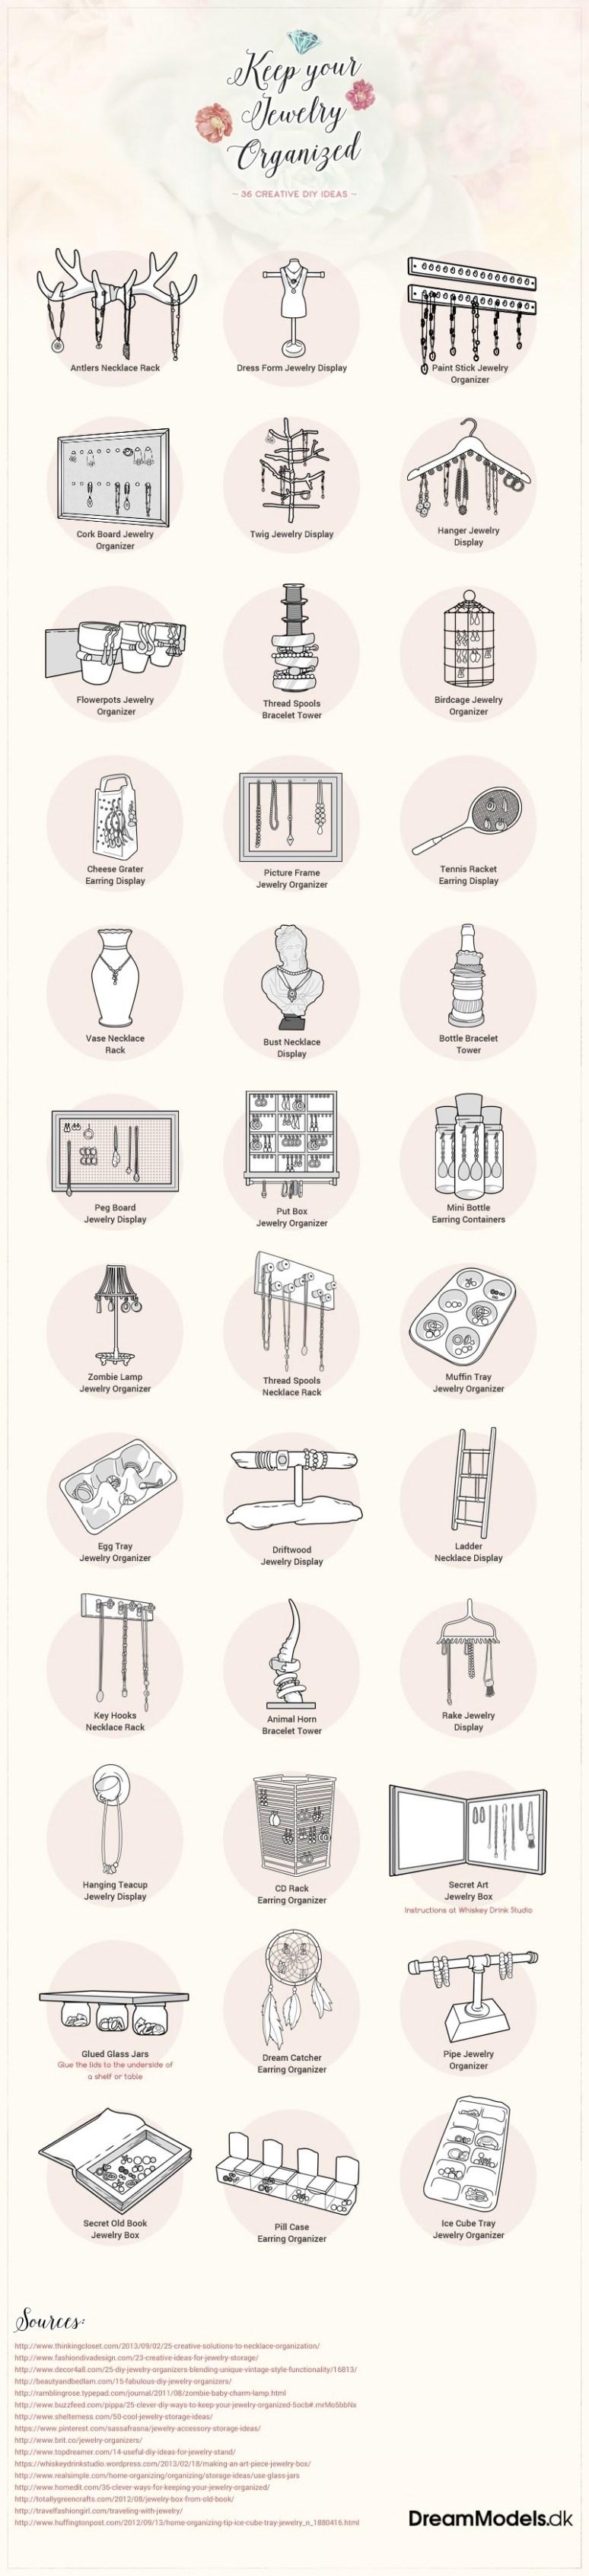 keep your jewelery organized